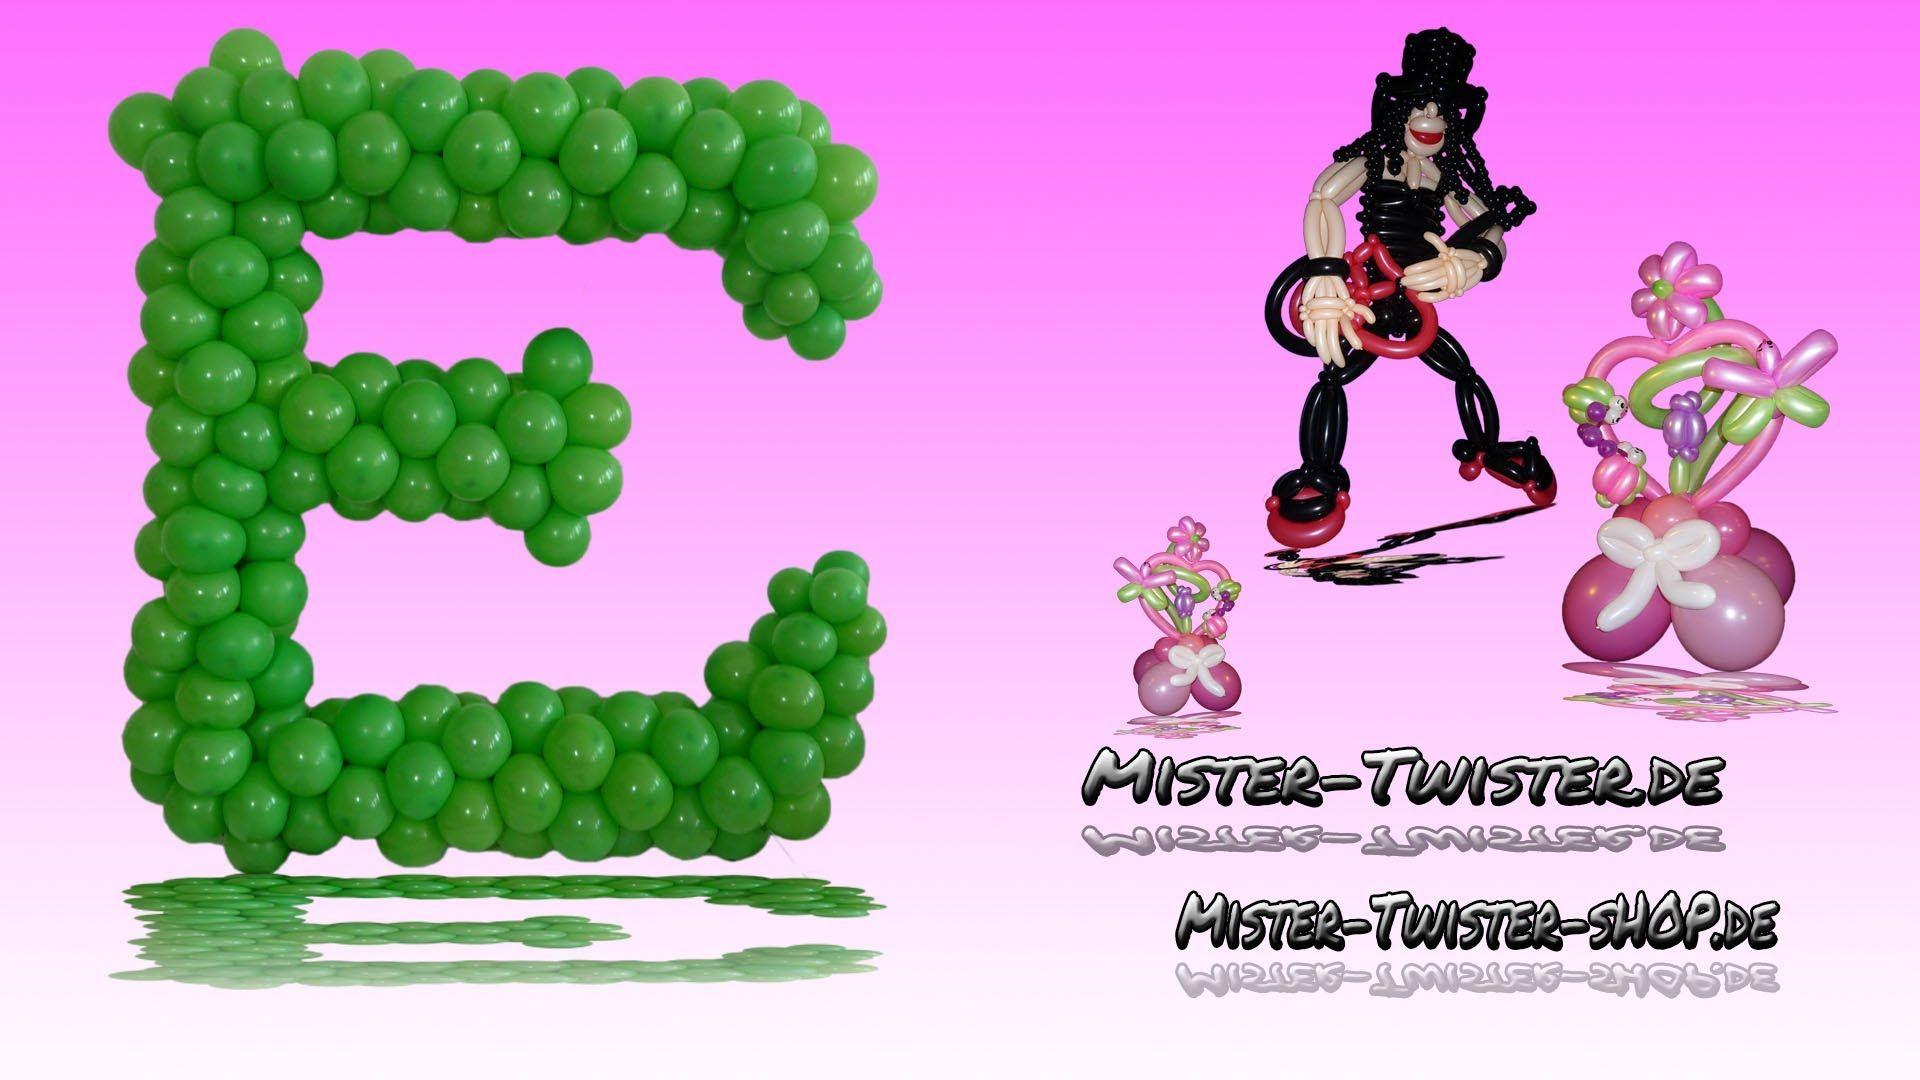 155  How to make a balloon character , Wie mache ich einen Ballon Buchstaben, Dekoration, decoration